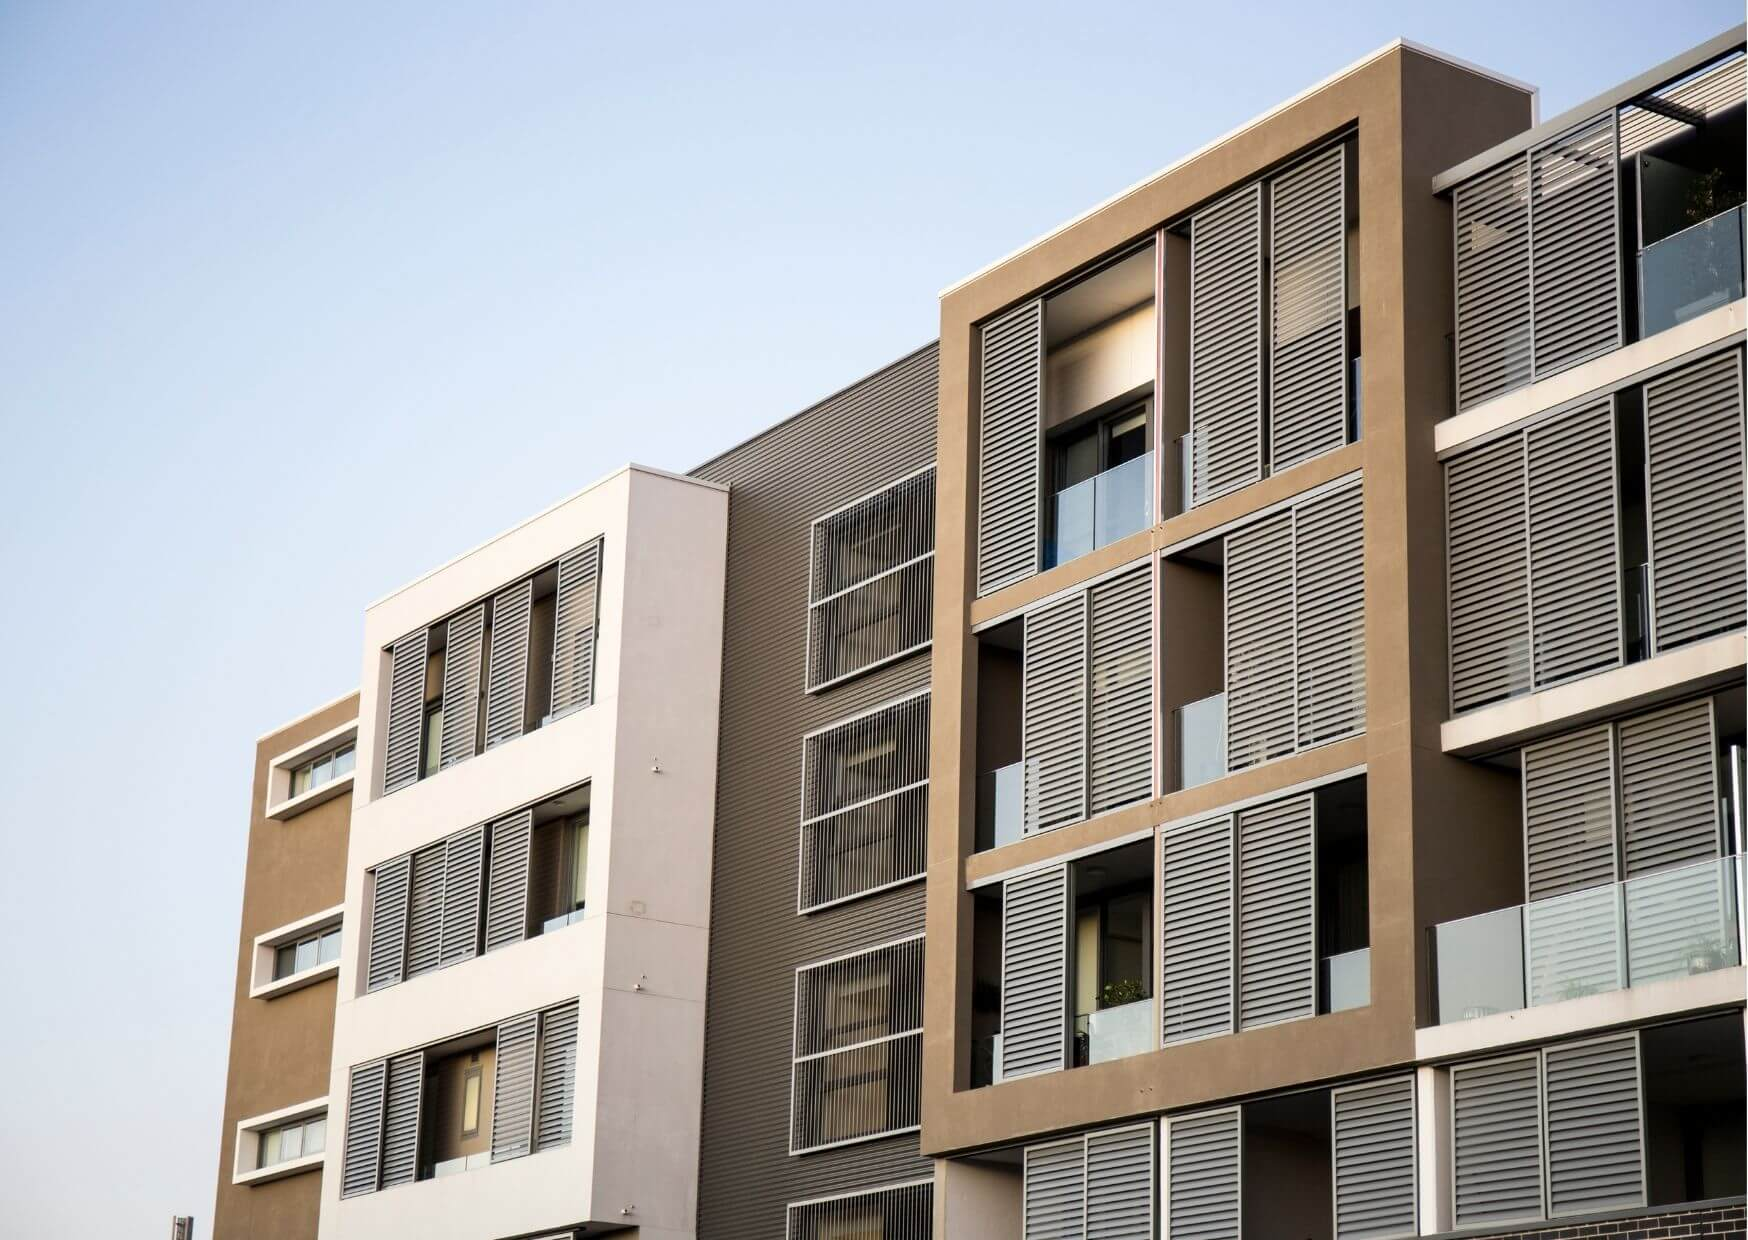 Mehrfamilienhaus in attratkiver Lage mit modernster Außenfassade.